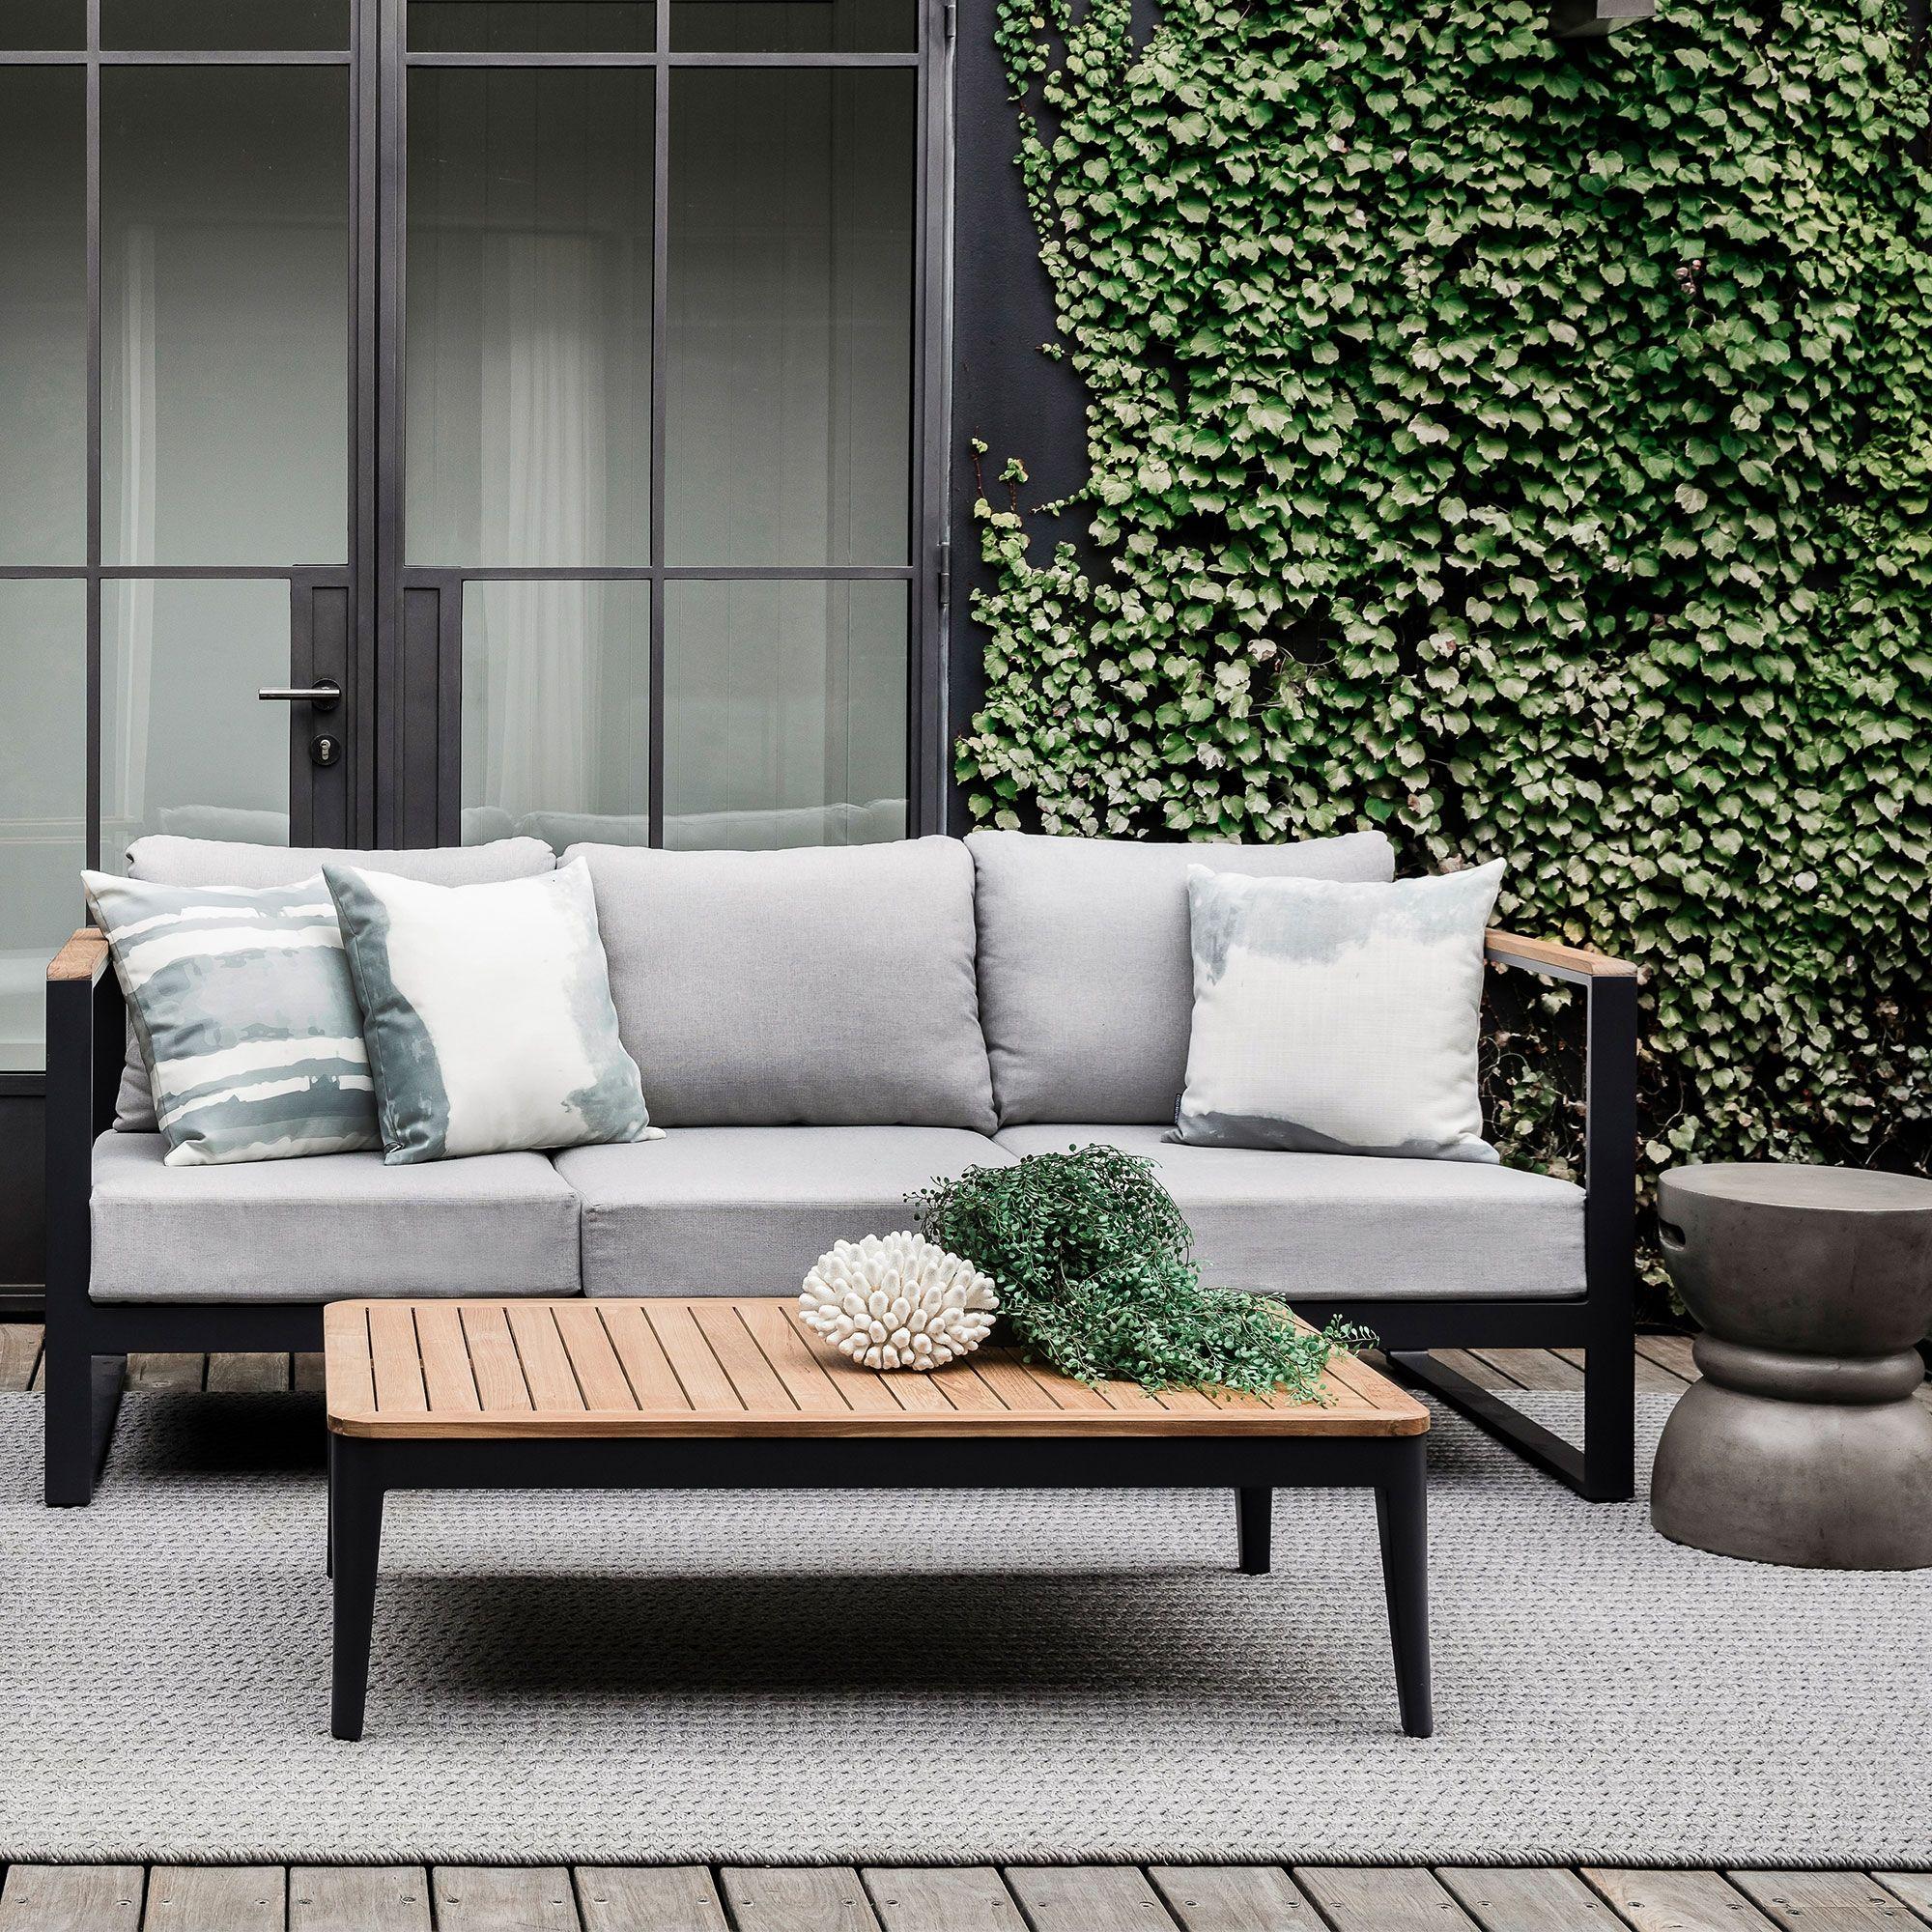 Barcelona Outdoor Sofa In 2019 Taras Outdoor Sofa Modern Outdoor Furniture Garden Sofa